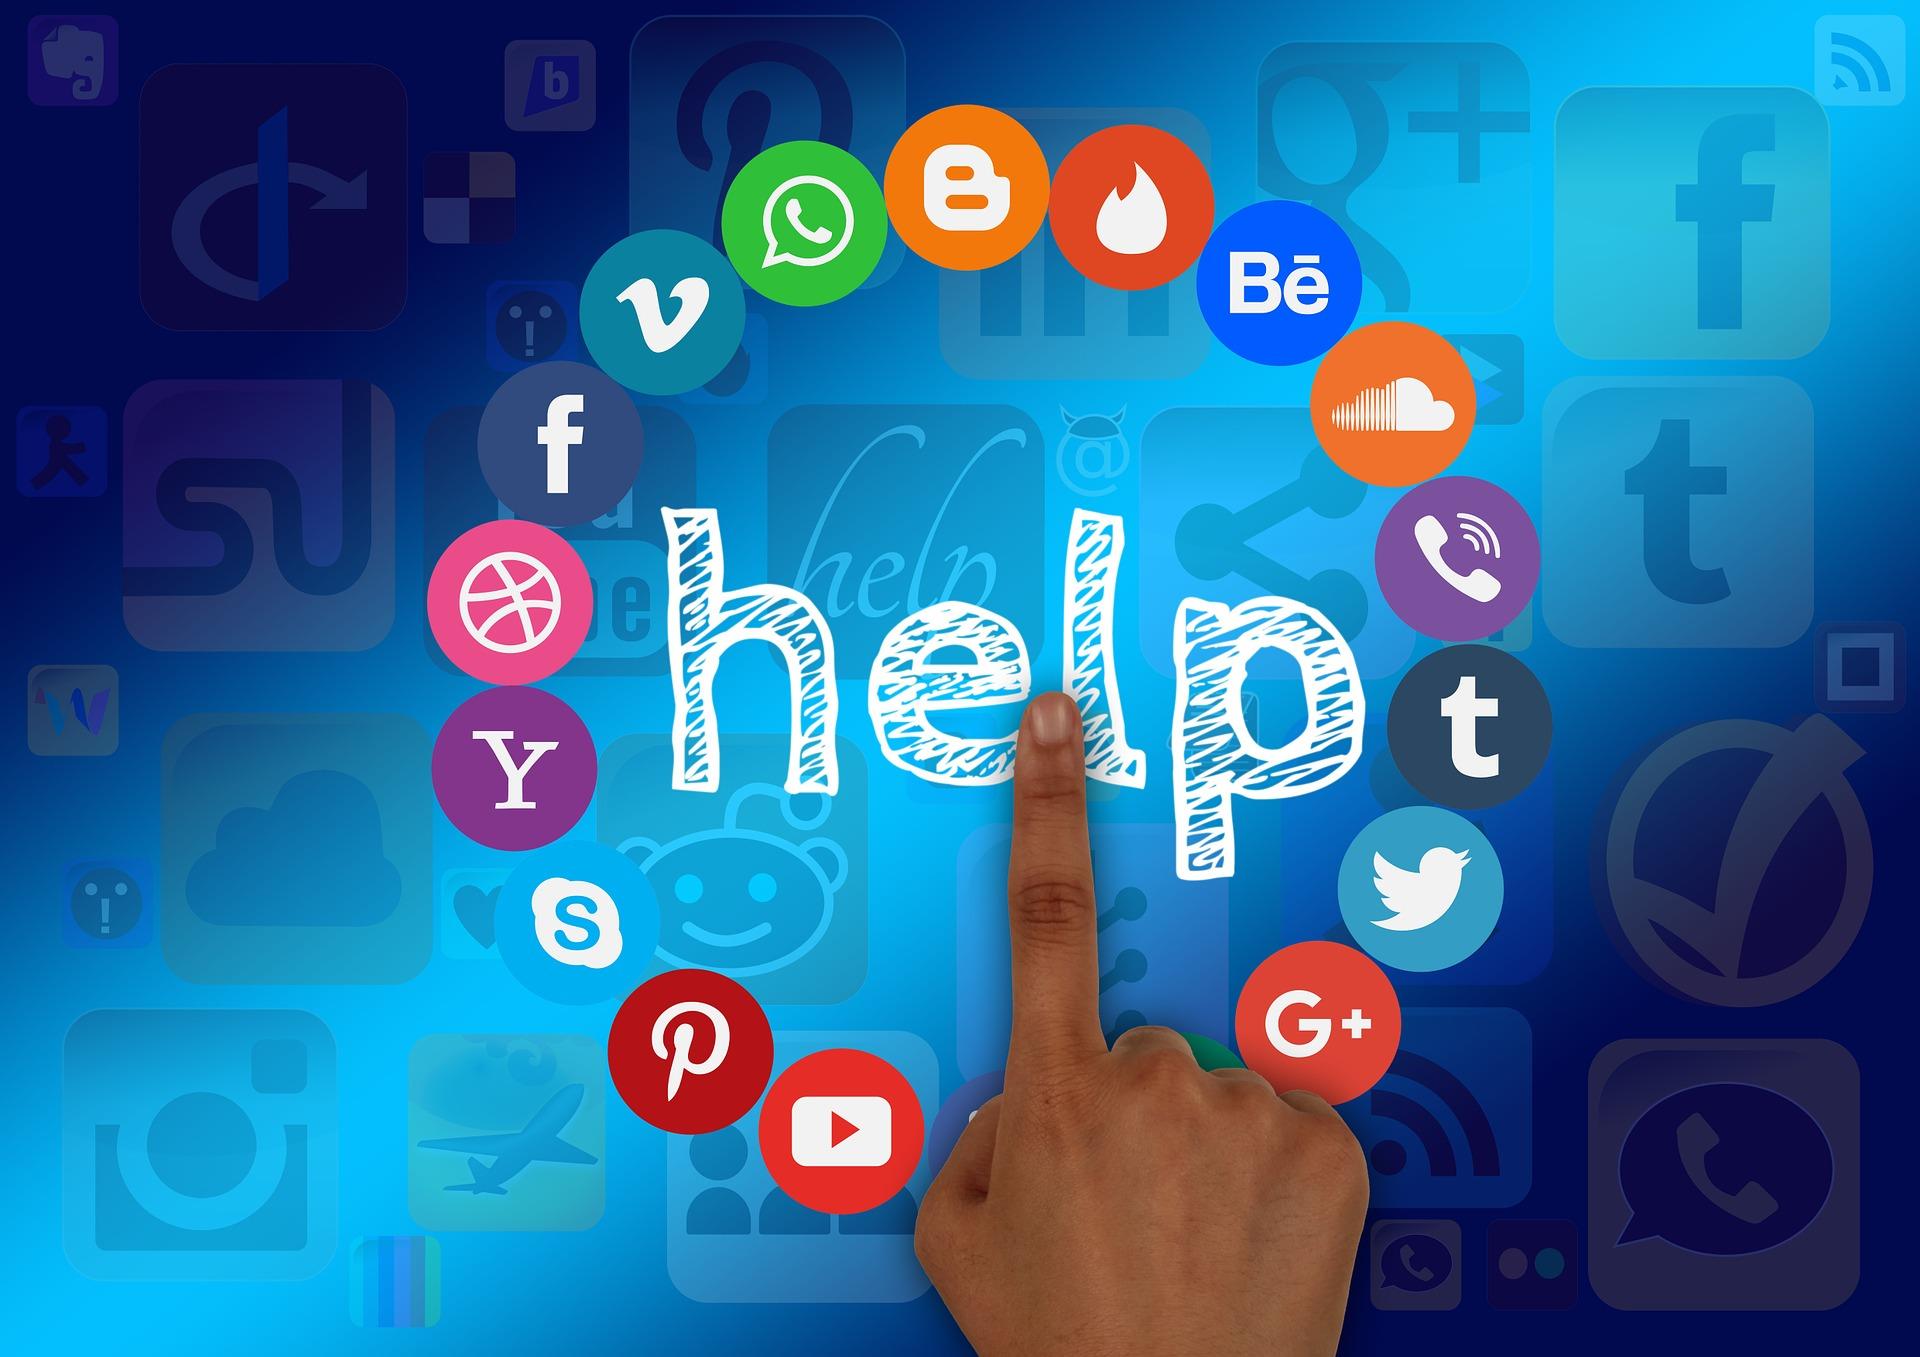 Caida general de los servicios de whatsapp, facebook e instagram